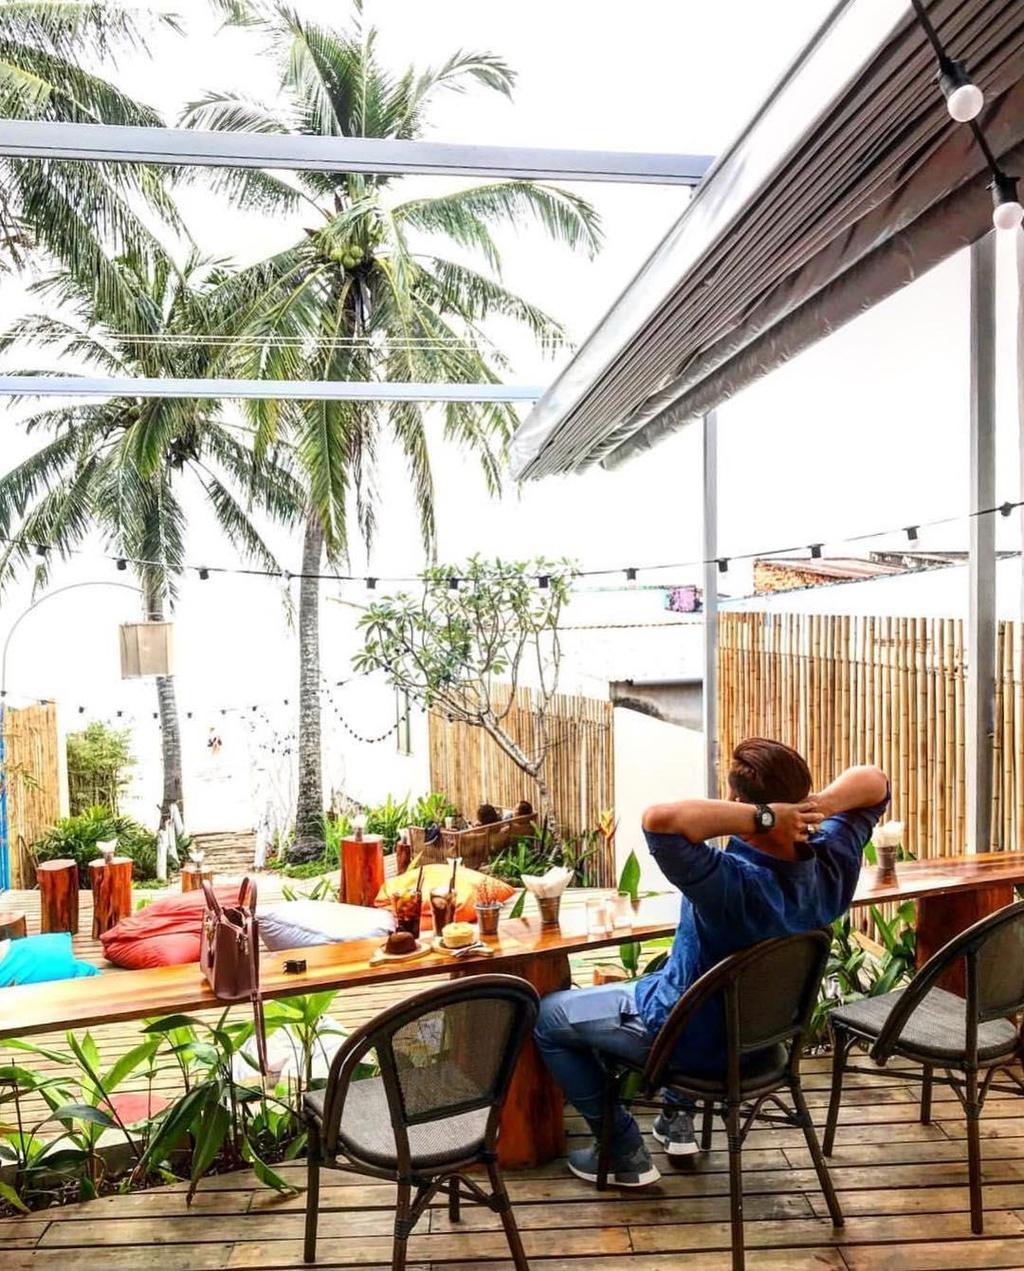 Tranh nong ngay he tai nhung quan ca phe view dep o Phu Quoc hinh anh 2 Tránh nóng ngày hè tại những quán cà phê view đẹp ở Phú Quốc - 29716743_163253951055927_3545579520998244352_n - Tránh nóng ngày hè tại những quán cà phê view đẹp ở Phú Quốc